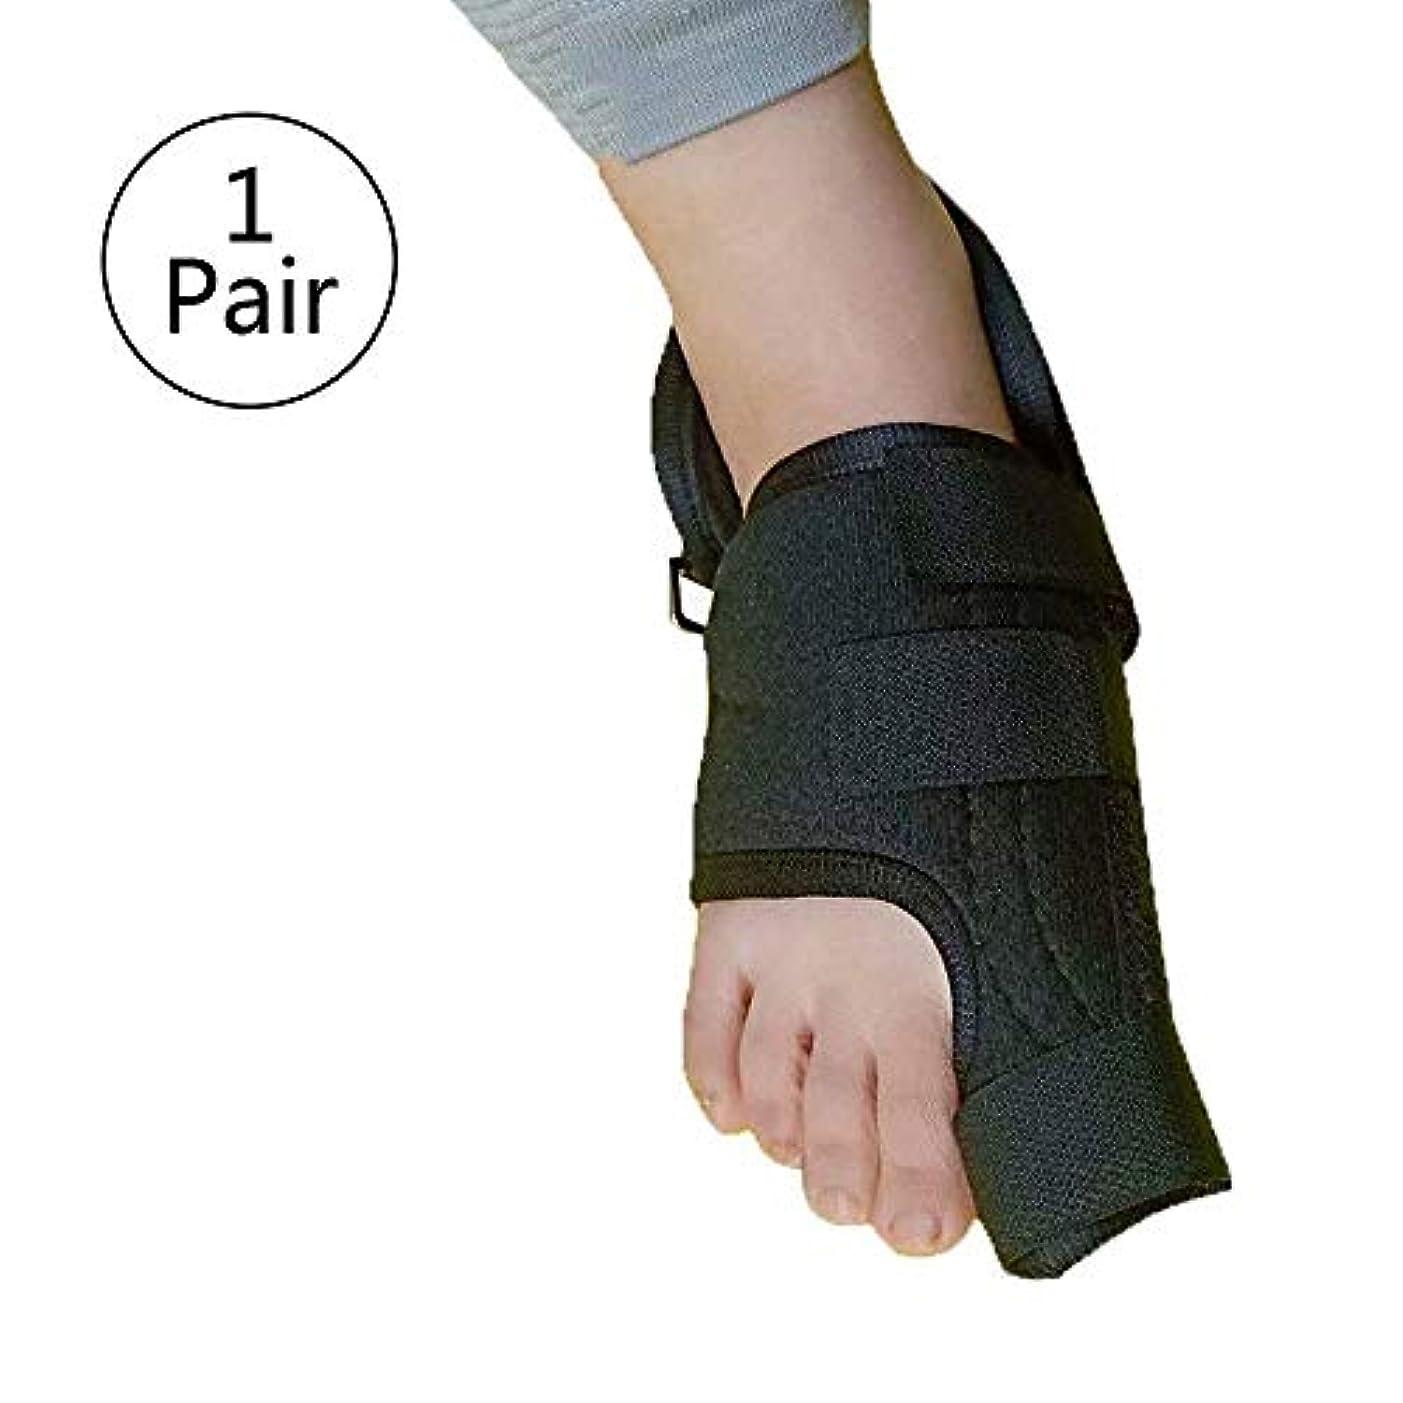 機動残高座るつま先アライナー、つま先矯正、ナイトスプリント、金属棒、重なったつま先のサポート、大人の腱膜瘤、痛みの緩和